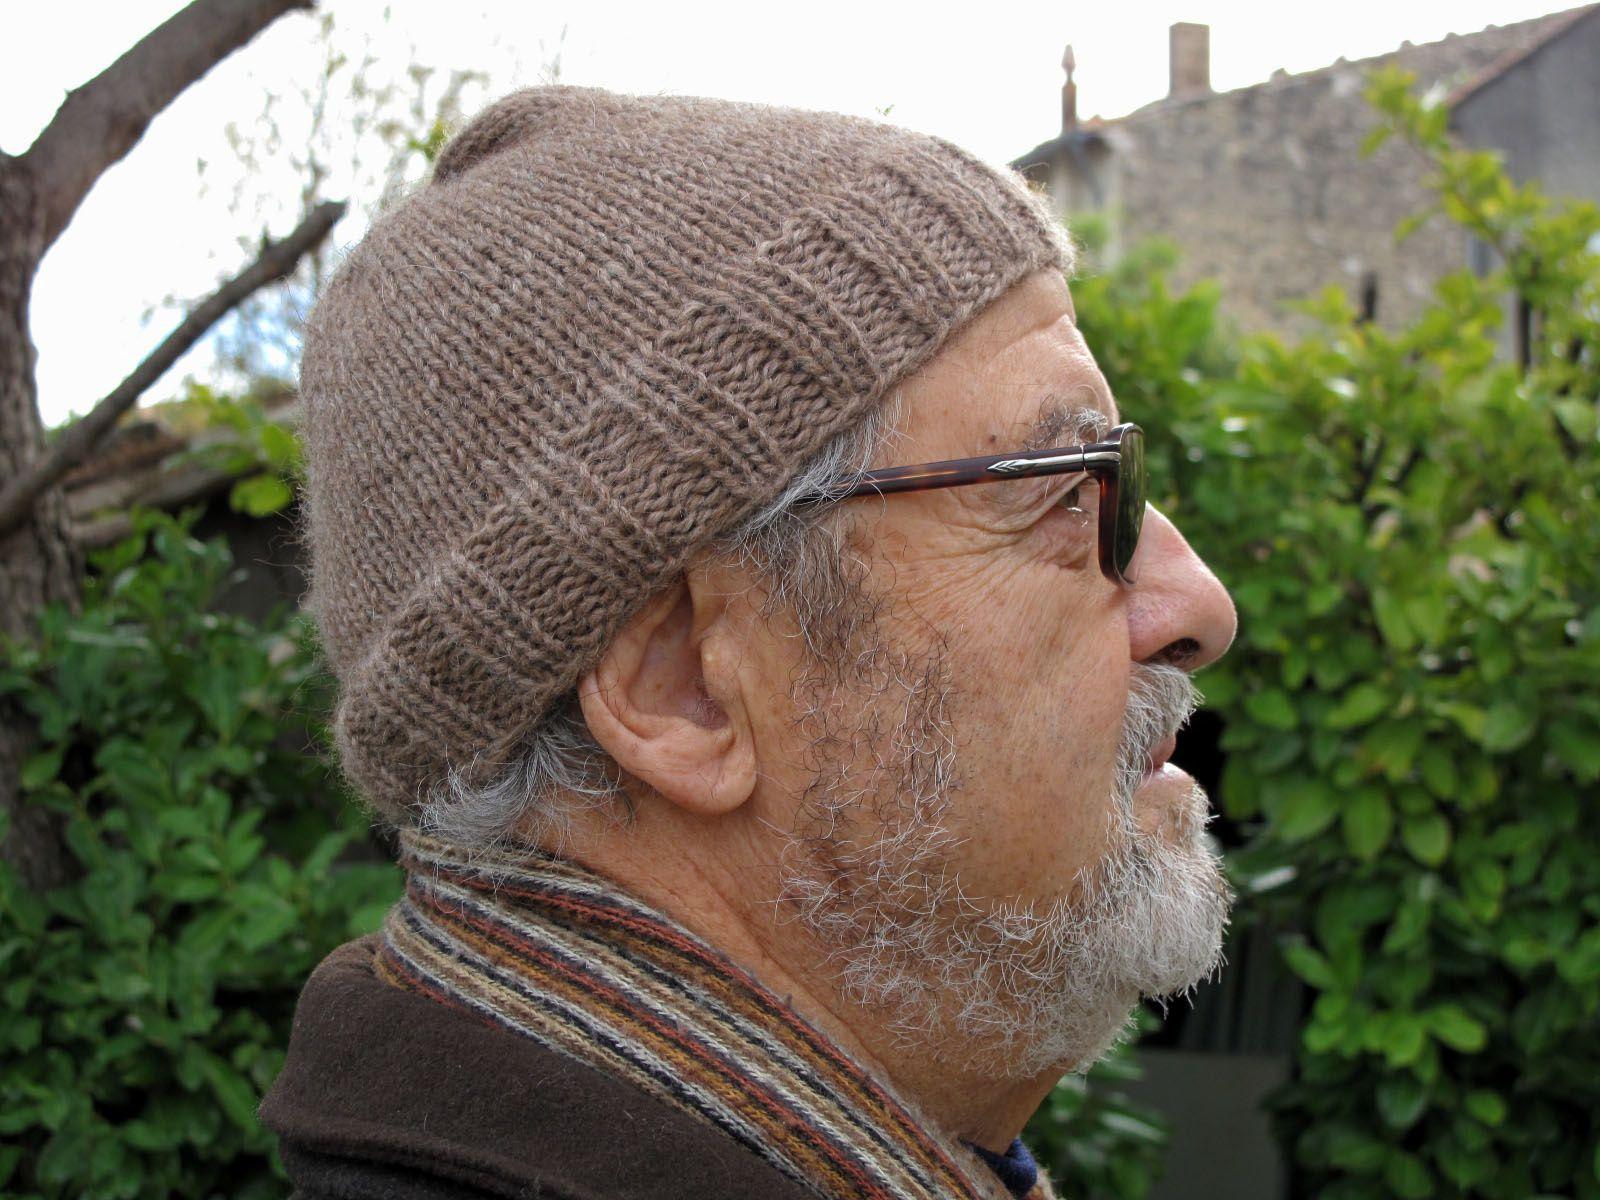 Bonnet a tricoter pour homme modèle de bonnet femme à tricoter ... 6101d0ed4d9